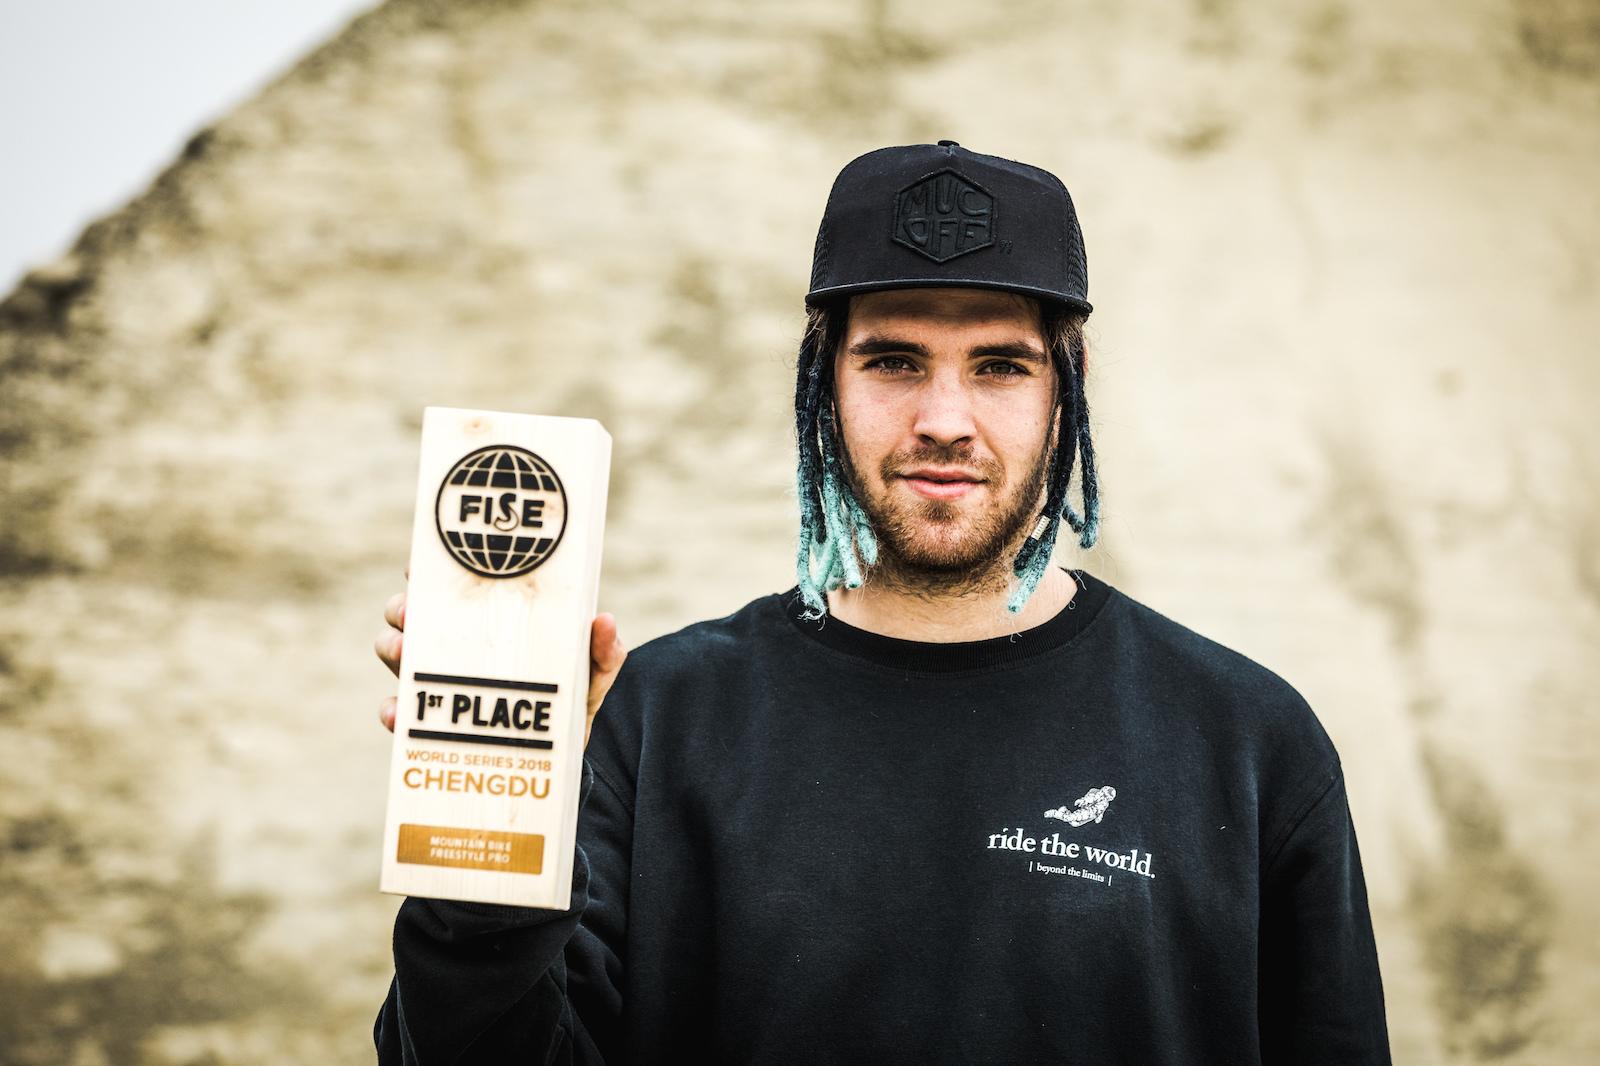 Tomas Lemoine is your 2018 Slopestyle Chengdu Champ.